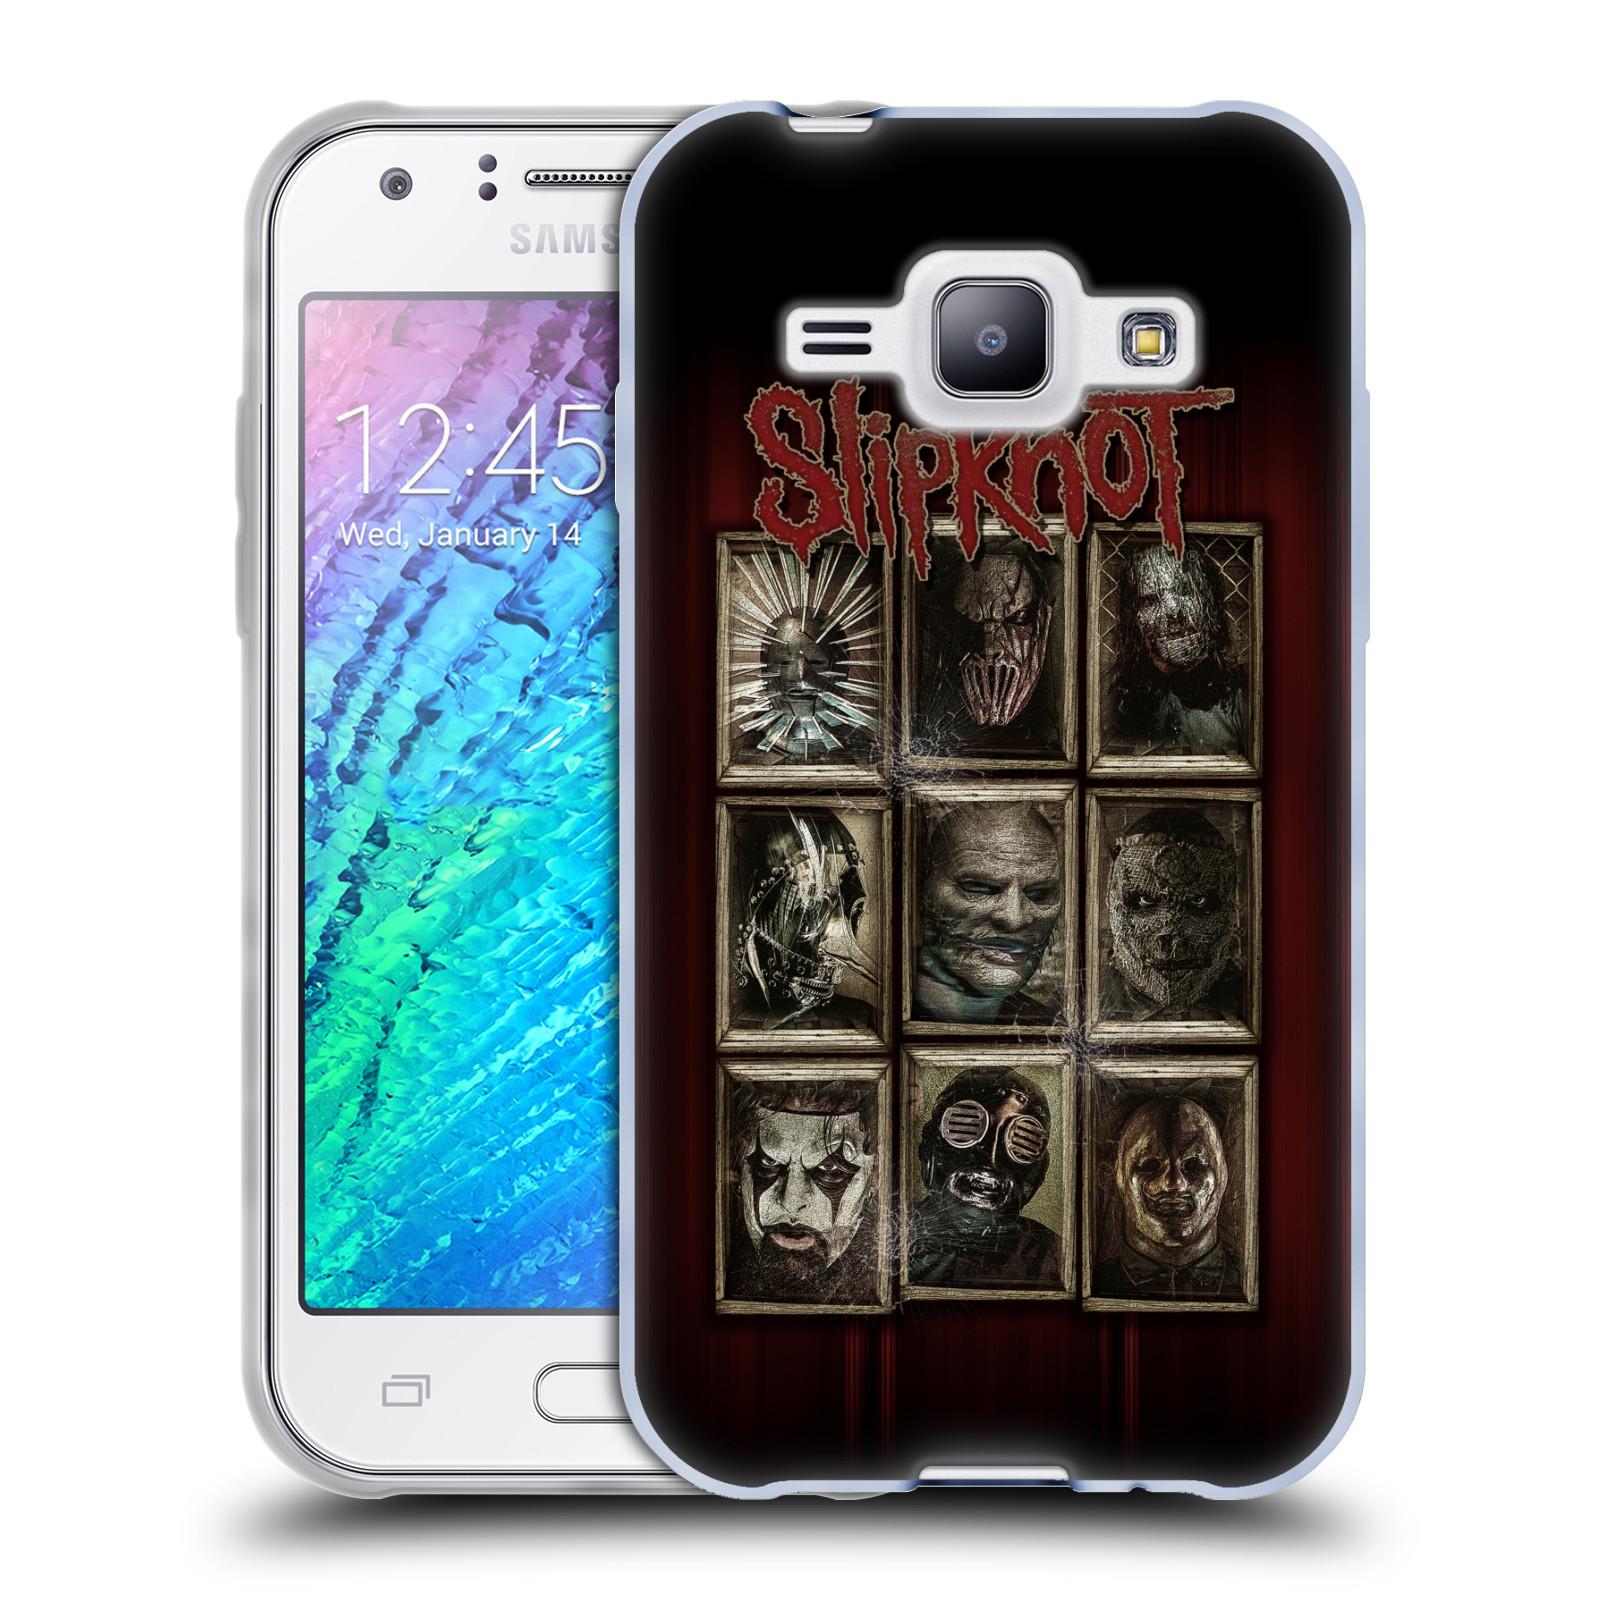 Silikonové pouzdro na mobil Samsung Galaxy J1 HEAD CASE Slipknot - Masky (Silikonový kryt či obal na mobilní telefon licencovaným motivem Slipknot pro Samsung Galaxy J1 a J1 Duos)